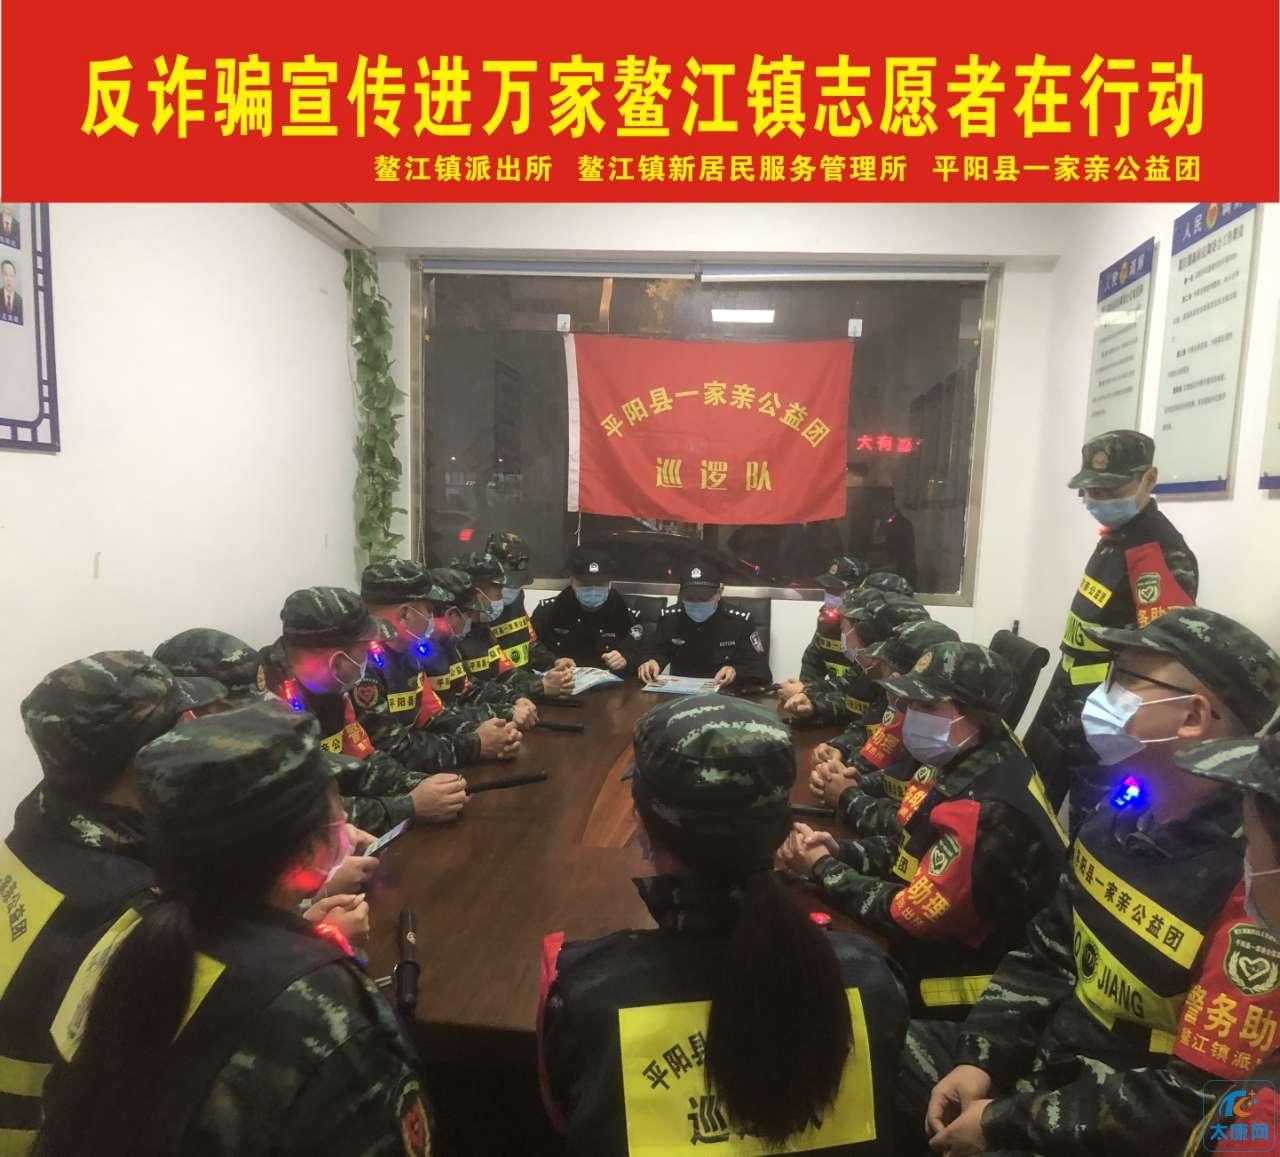 【防电信诈骗宣传】临近春节,这份指南很重要,请查收!